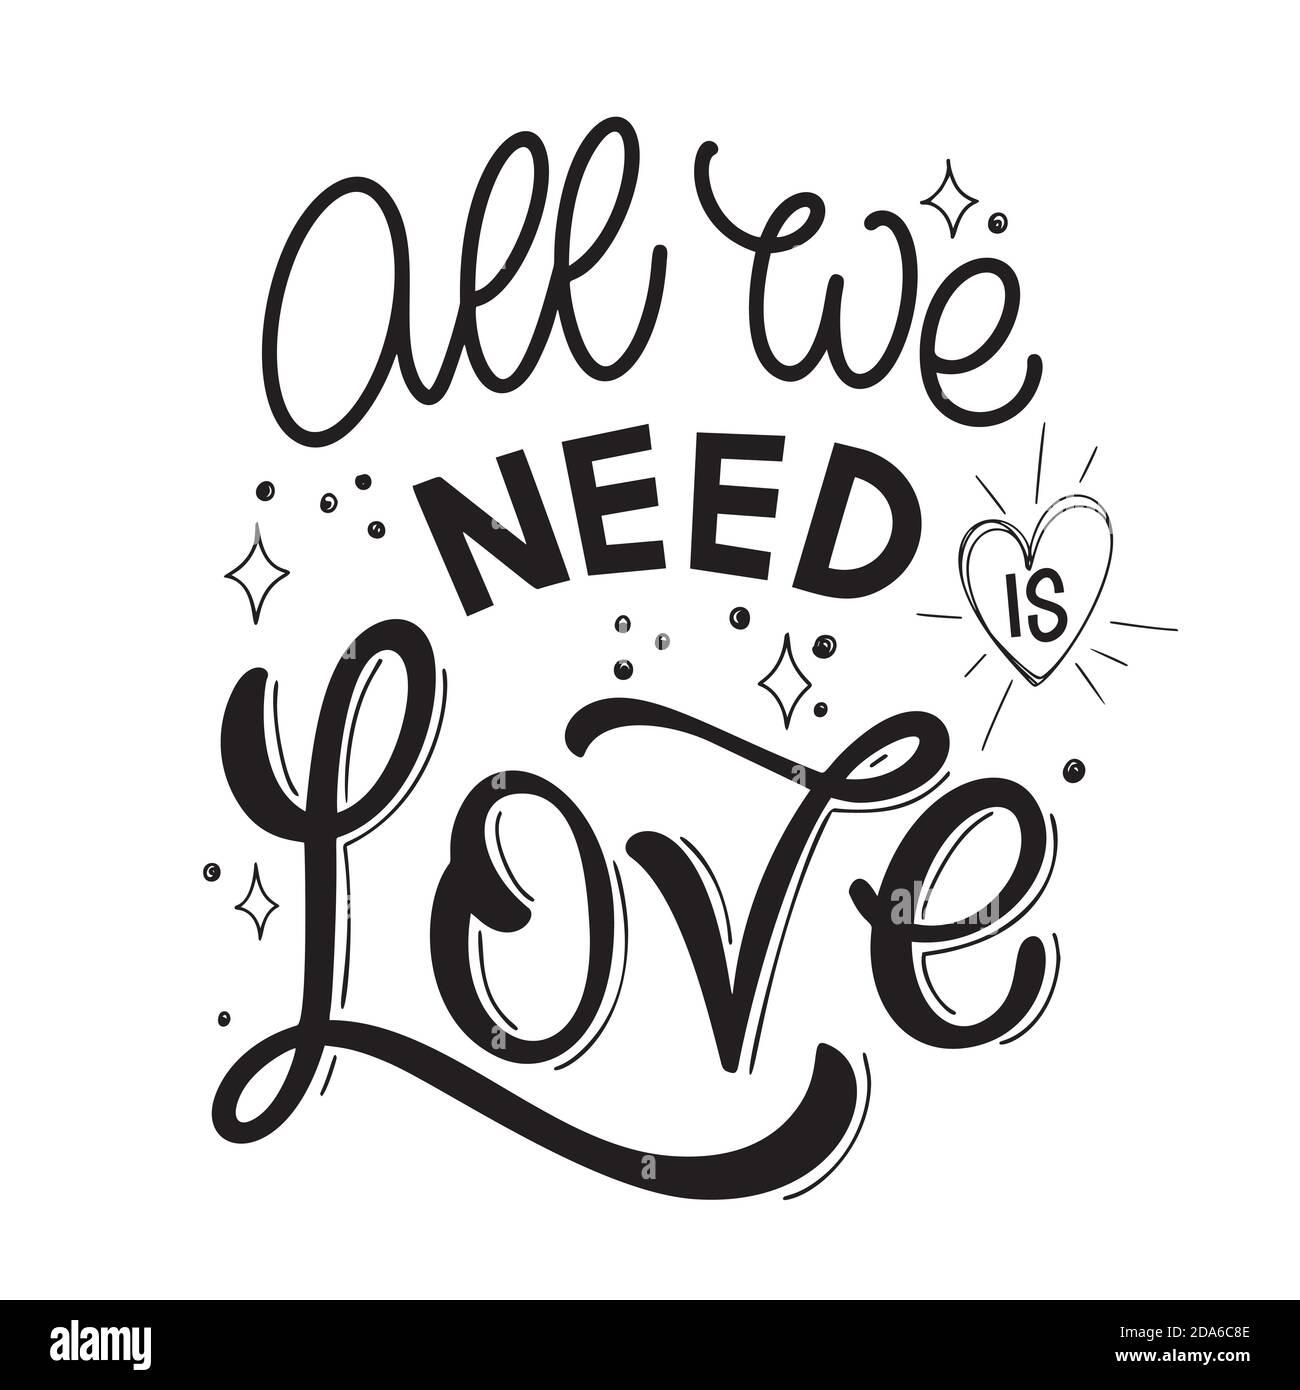 Citation de la Saint-Valentin. Tout ce dont nous avons besoin, c'est de l'amour. Éléments de dessin vectoriel pour tee-shirts, sacs, affiches, cartes, autocollants Illustration de Vecteur